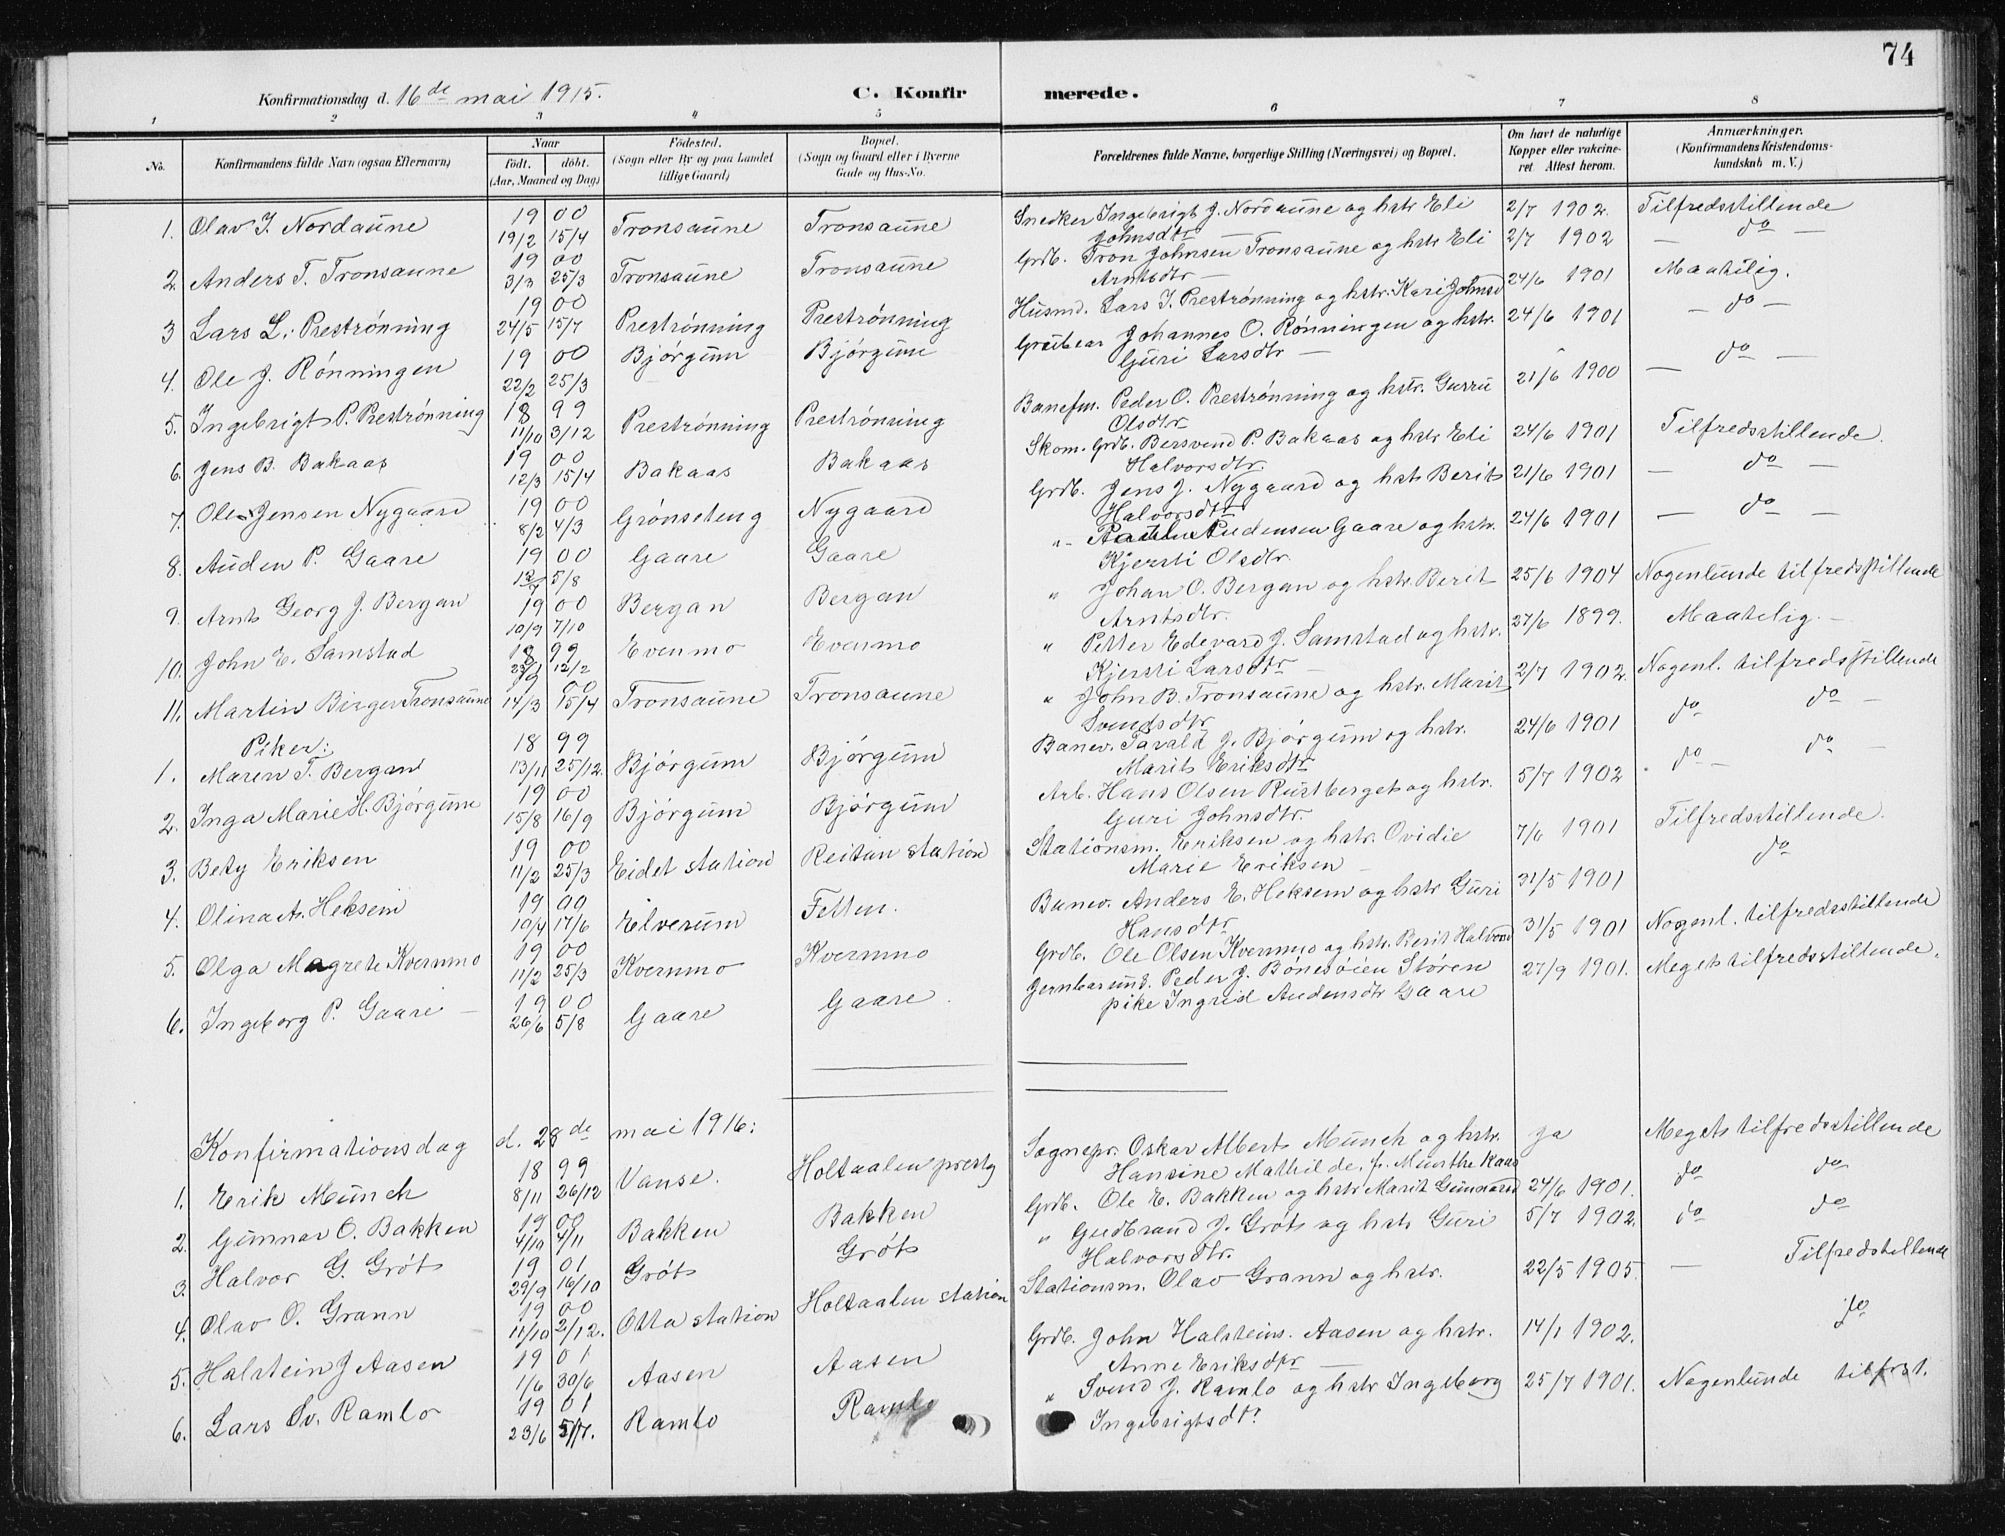 SAT, Ministerialprotokoller, klokkerbøker og fødselsregistre - Sør-Trøndelag, 685/L0979: Klokkerbok nr. 685C04, 1908-1933, s. 74